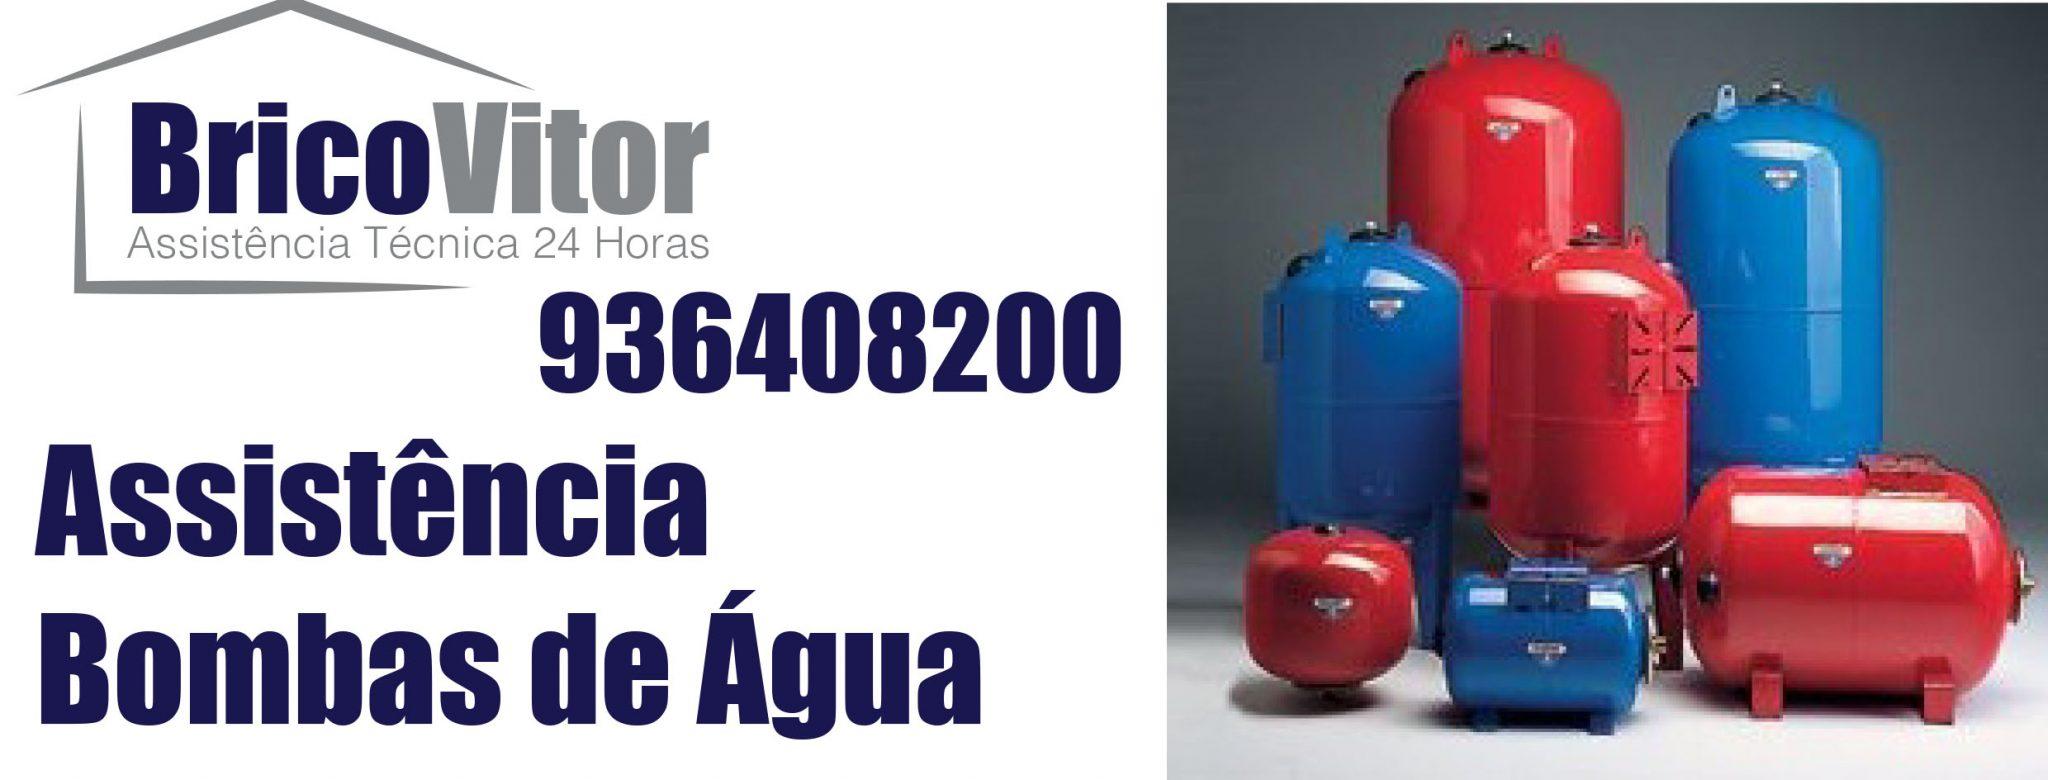 Reparação Bombas de Água Arruda dos Vinhos,